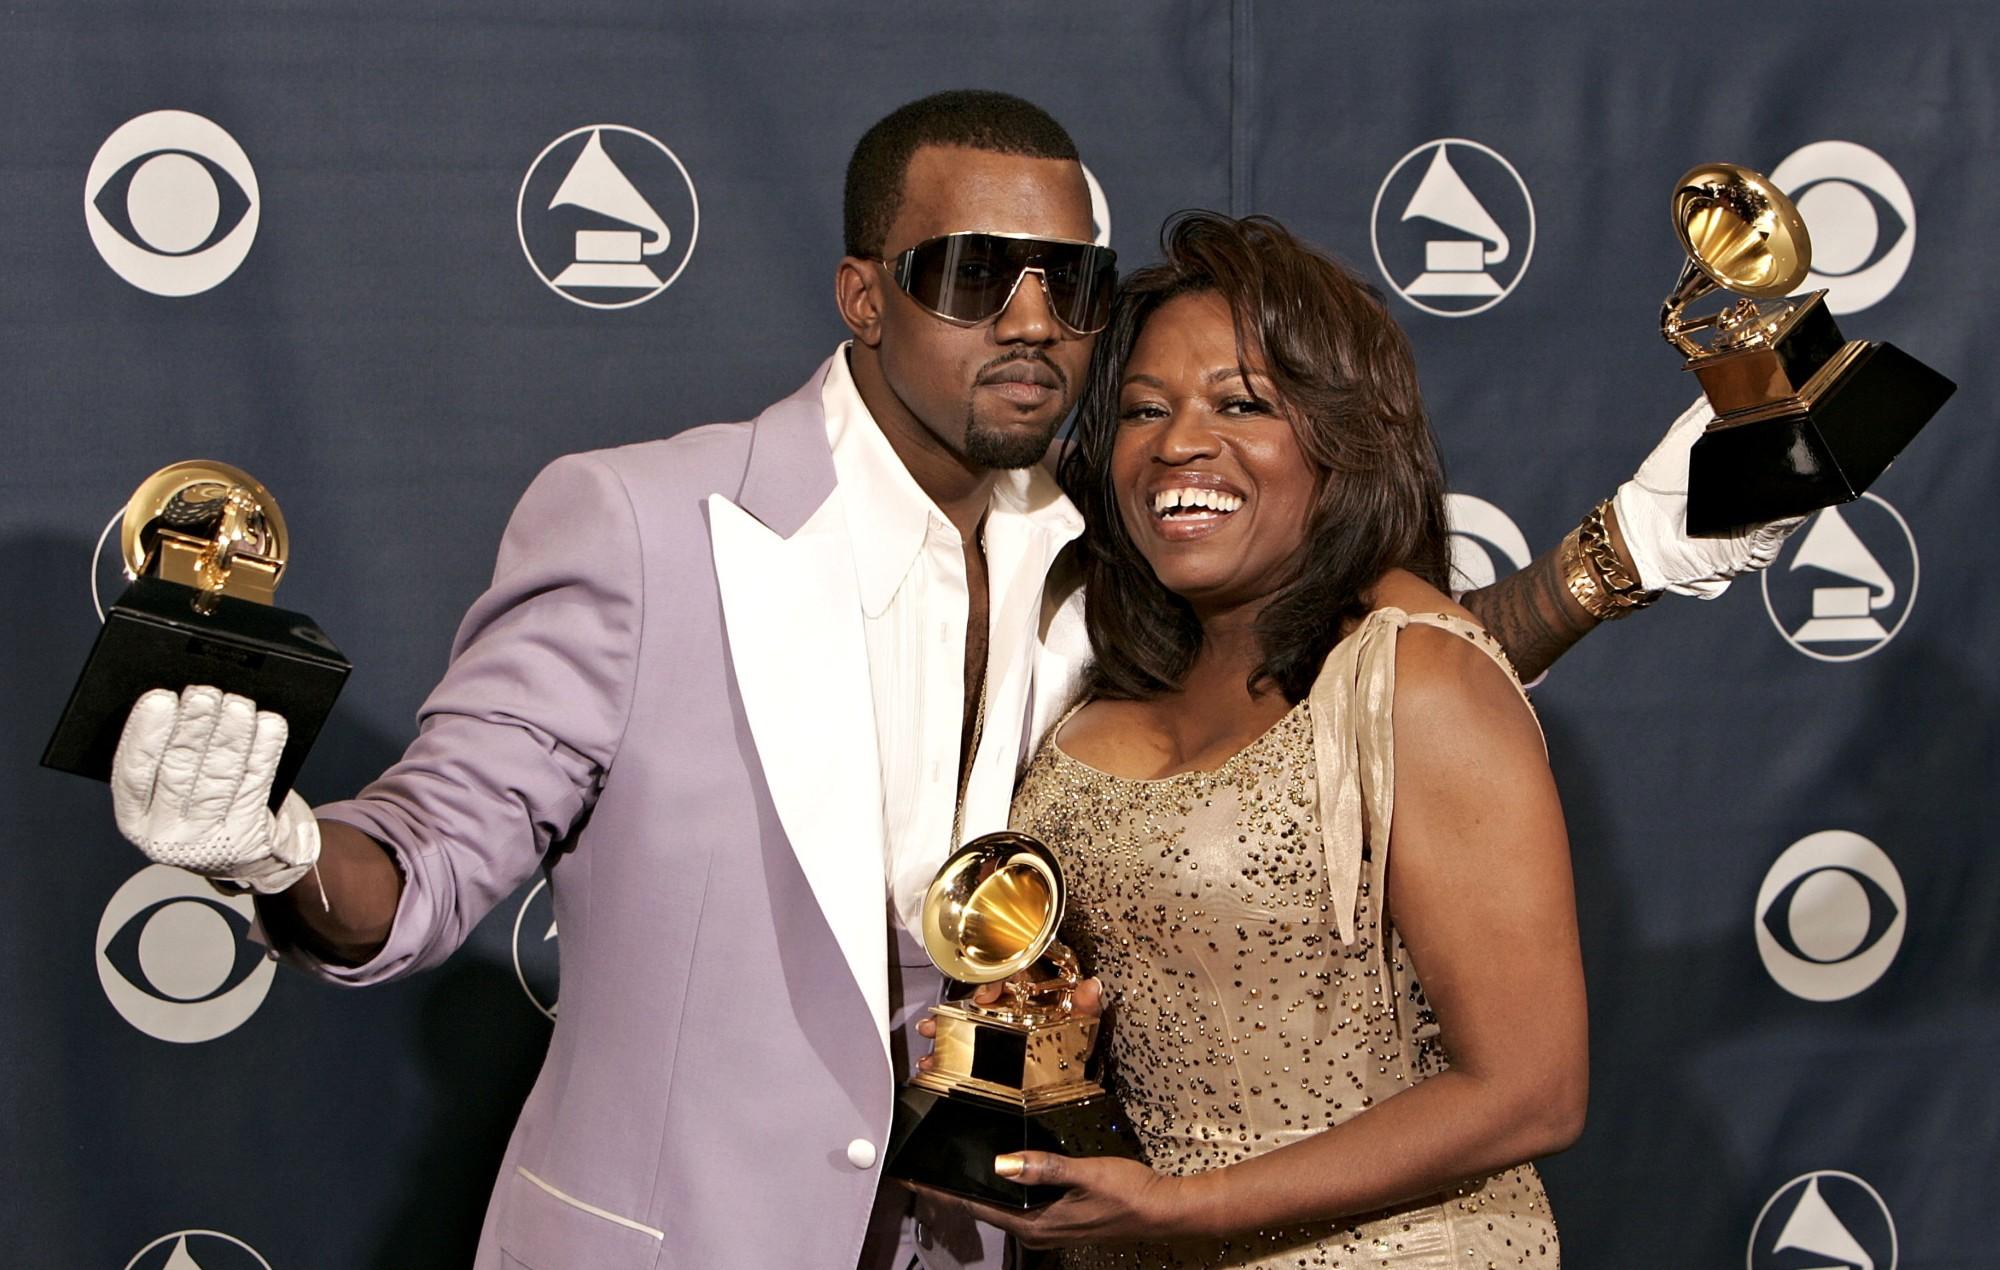 Imagem feita durante a cerimônia do Grammy de 2006. Nela, vemos, posando atrás de um painel para a fotografia, um homem e uma mulher. Primeiro, à esquerda, está Kanye West, um homem negro, com a barba feita em um cavanhaque, os cabelos raspados, e usando óculos escuros. Ele veste um blazer roxo por cima de uma camisa social branca aberta, e luvas brancas nas mãos. Seus braços estão levantados na altura dos ombros, e ele segura em cada uma das mãos uma pequena estátua com um gramofone de ouro: o troféu concedido pela premiação do Grammy. O seu braço direito, ainda segurando o troféu, envolve os ombros da mulher por trás, e olha para a câmera, sério. Do seu lado, à direita, está Donda West, uma mulher negra, de cabelos pretos e lisos que se estendem até o seus ombros. Ela veste um vestido bege enfeitado por pequenos pingos de ouro. Ela também segura, com as duas mãos, na altura do peito, um troféu idêntico aos que Kanye segura. Ela olha para o lado, com um sorriso feliz e contagiante.